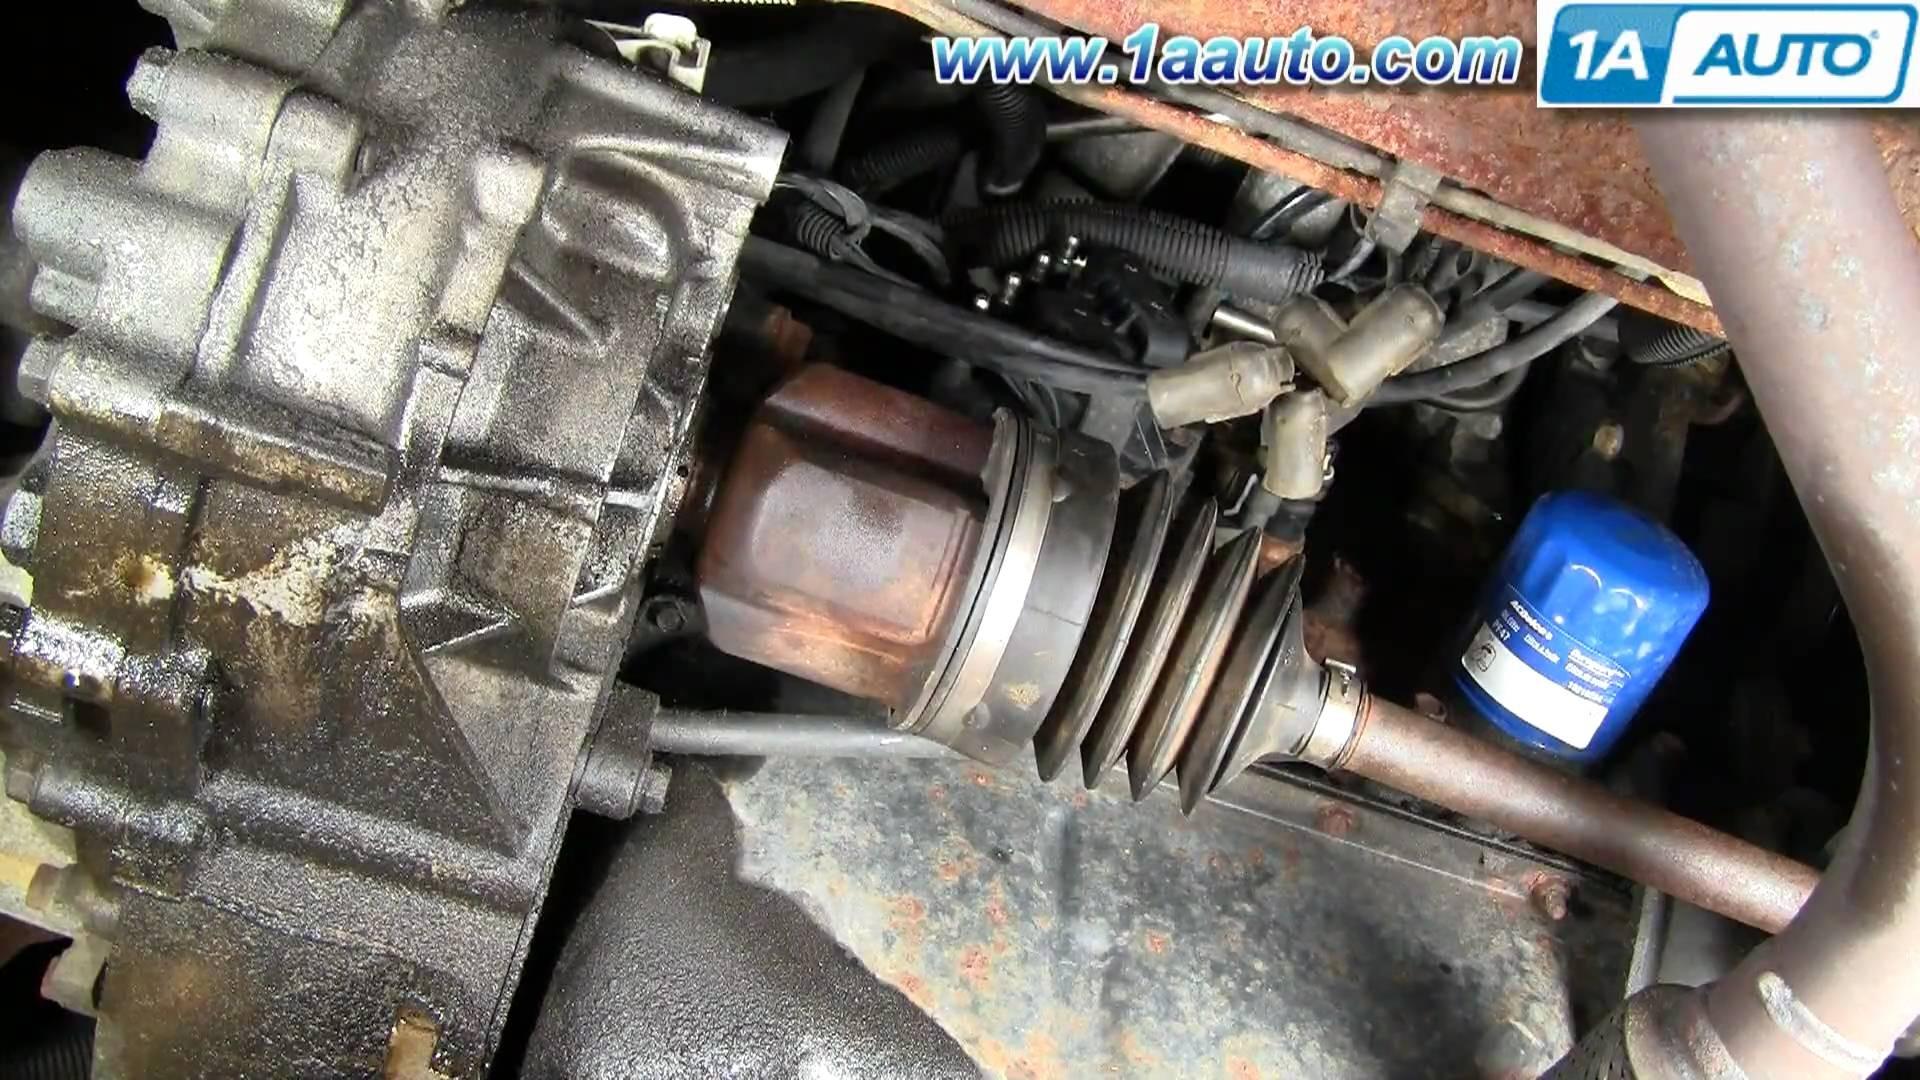 1999 Pontiac Sunfire Engine Diagram How to Install Replace Ignition Coil Chevy Cavalier Pontiac Sunfire Of 1999 Pontiac Sunfire Engine Diagram